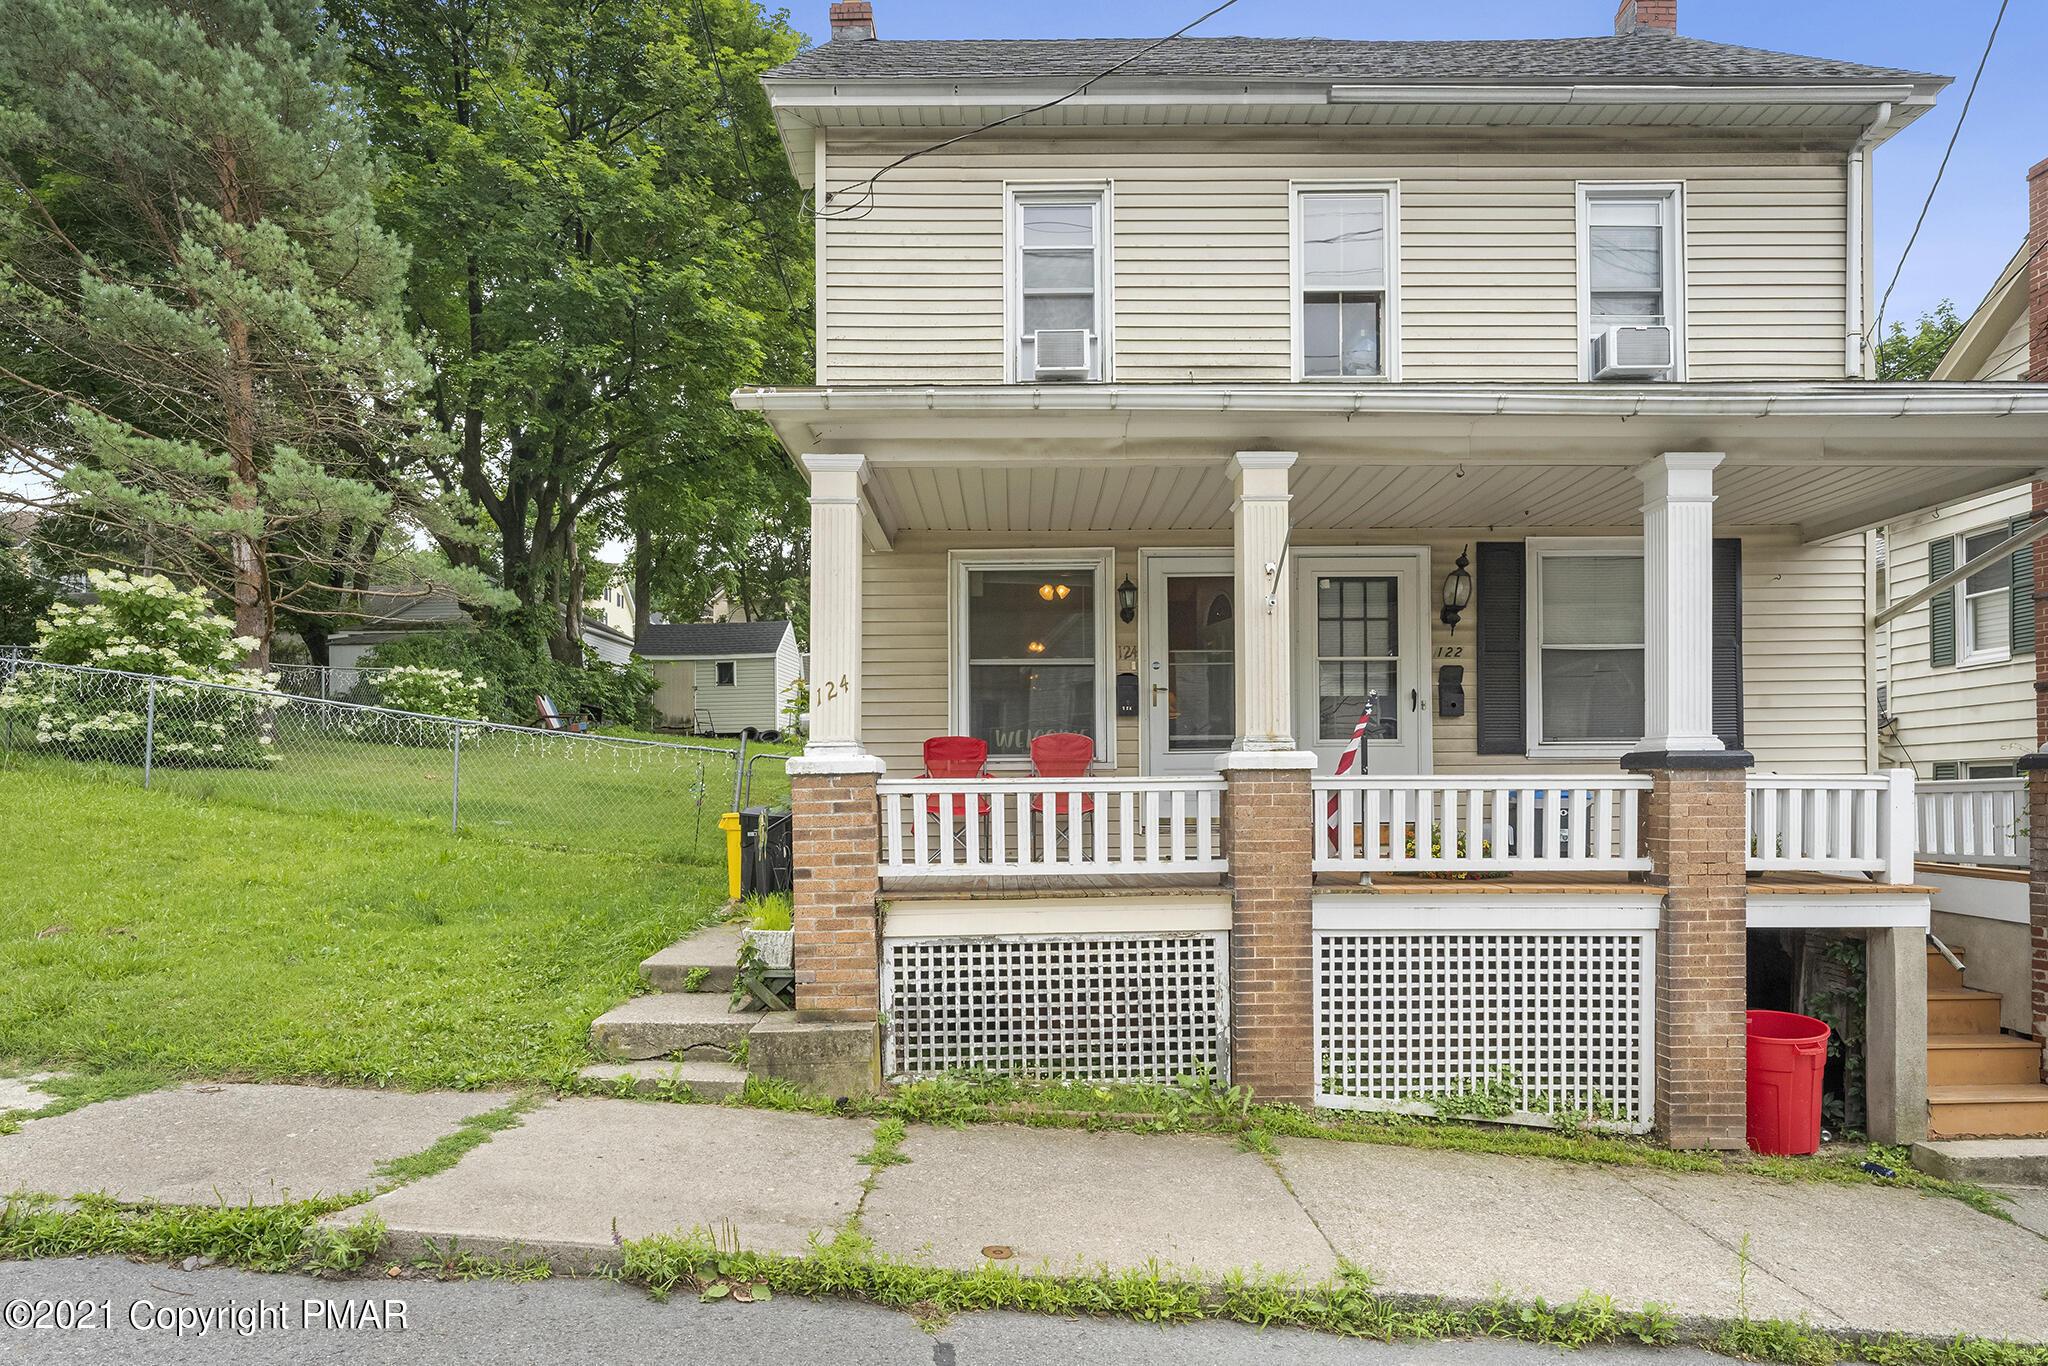 124 Messinger St, Bangor, PA 18013